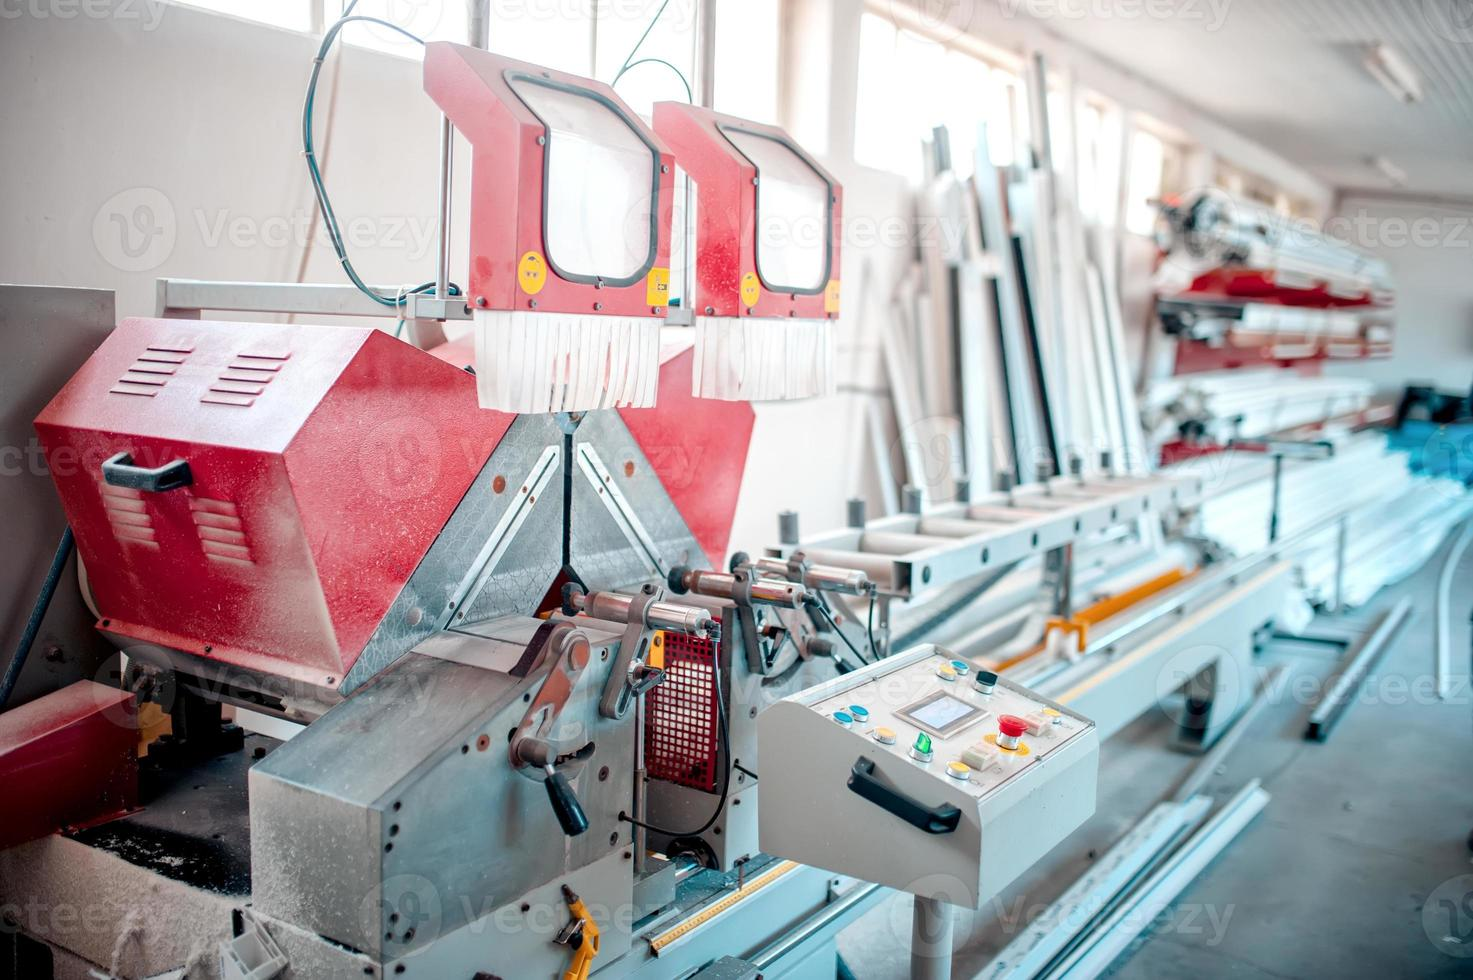 fabriksverktyg, industriell tillverkning och produktionsutrustning foto